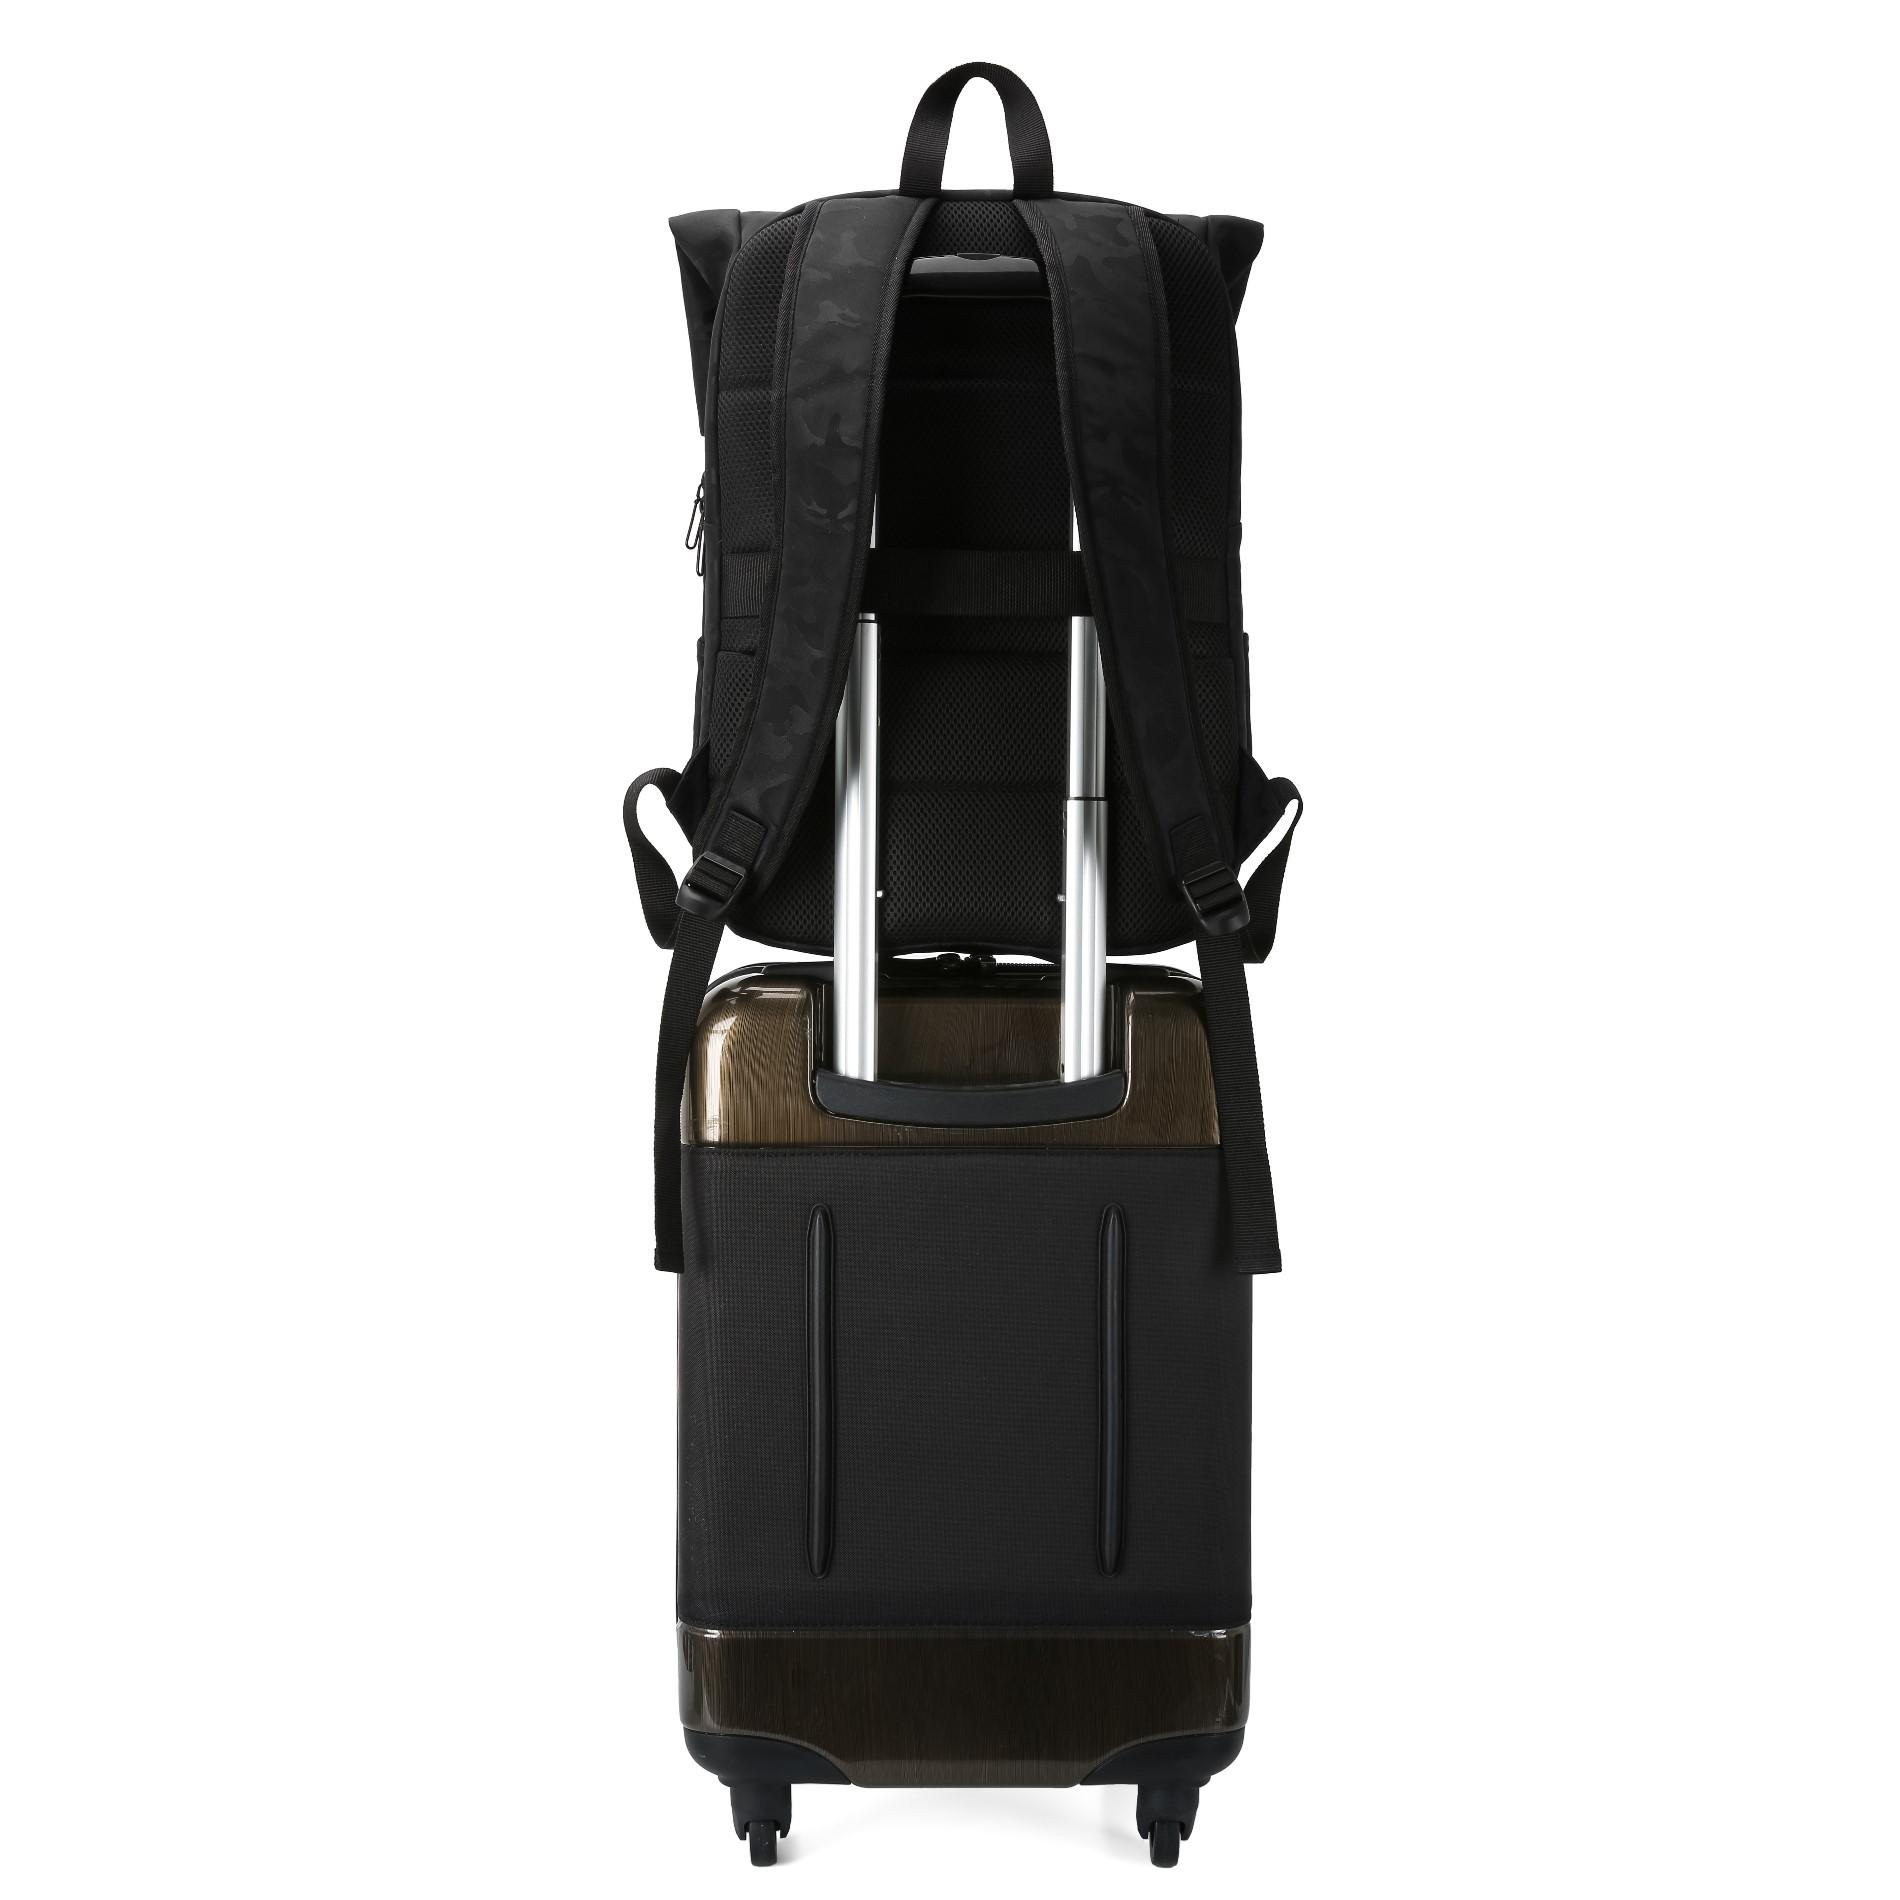 Backpack Waterproof Manufacturers, Backpack Waterproof Factory, Supply Backpack Waterproof